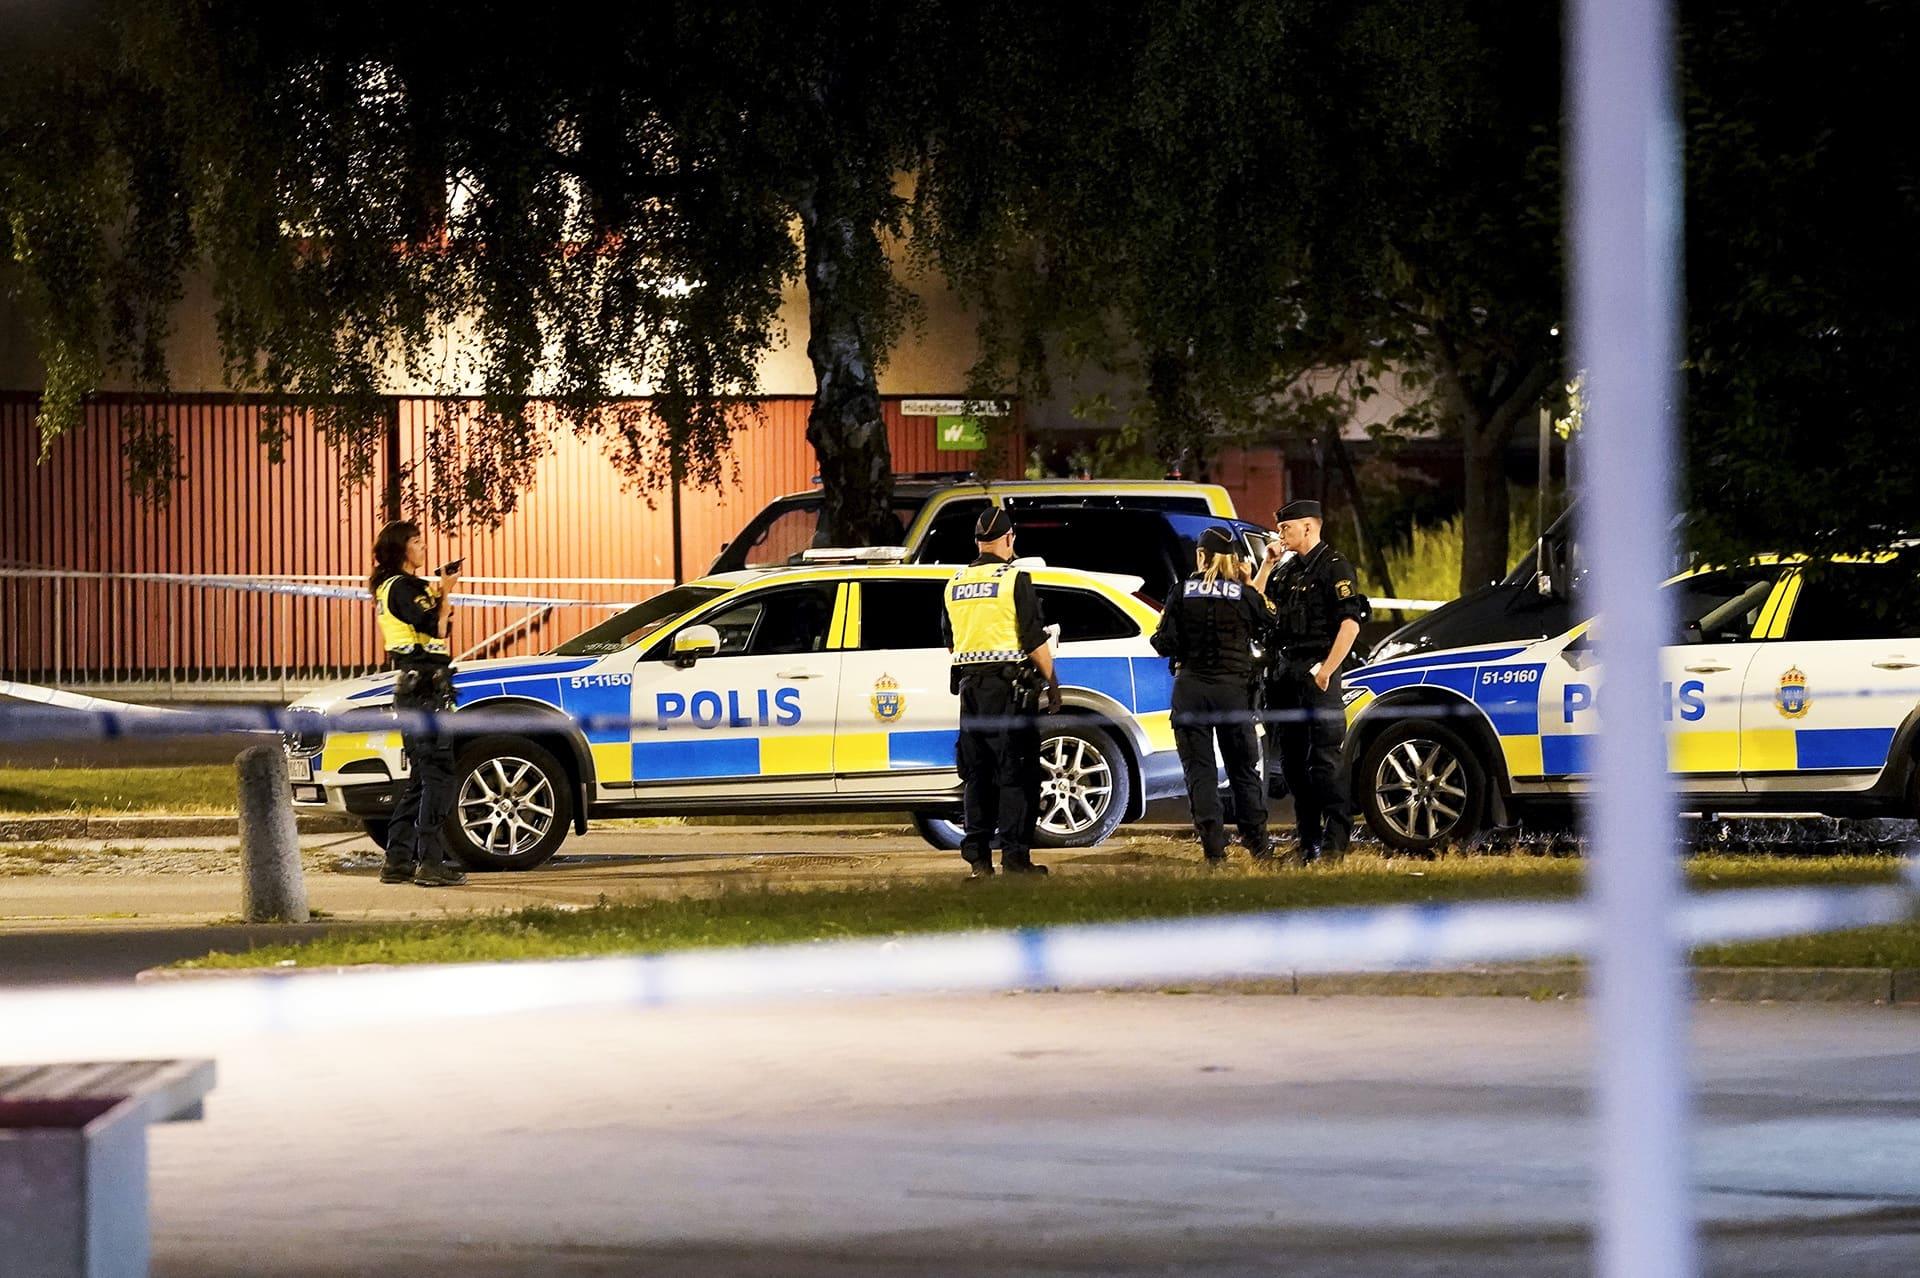 Poliiseja ja poliisiautoja ampumapaikalla.